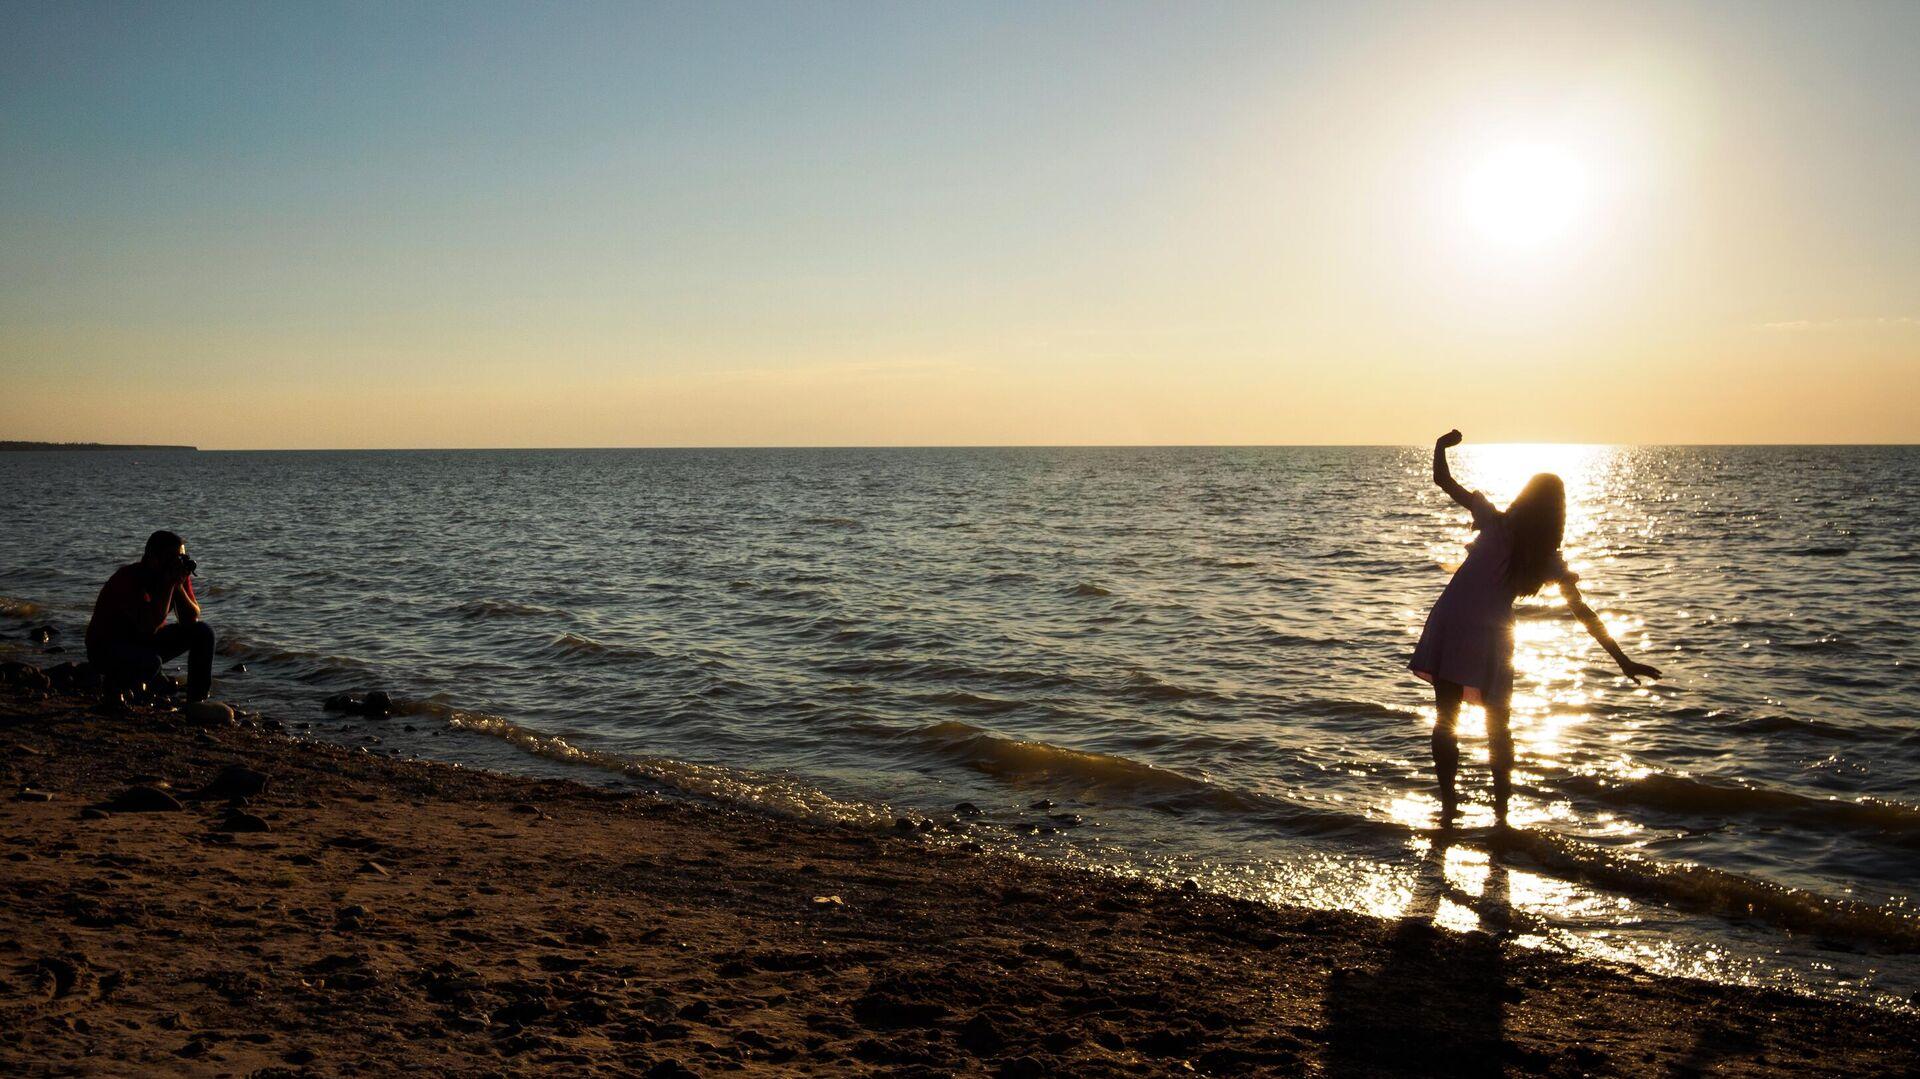 Отдыхающие на берегу Азовского моря в курортном городе Ейск - РИА Новости, 1920, 13.09.2021